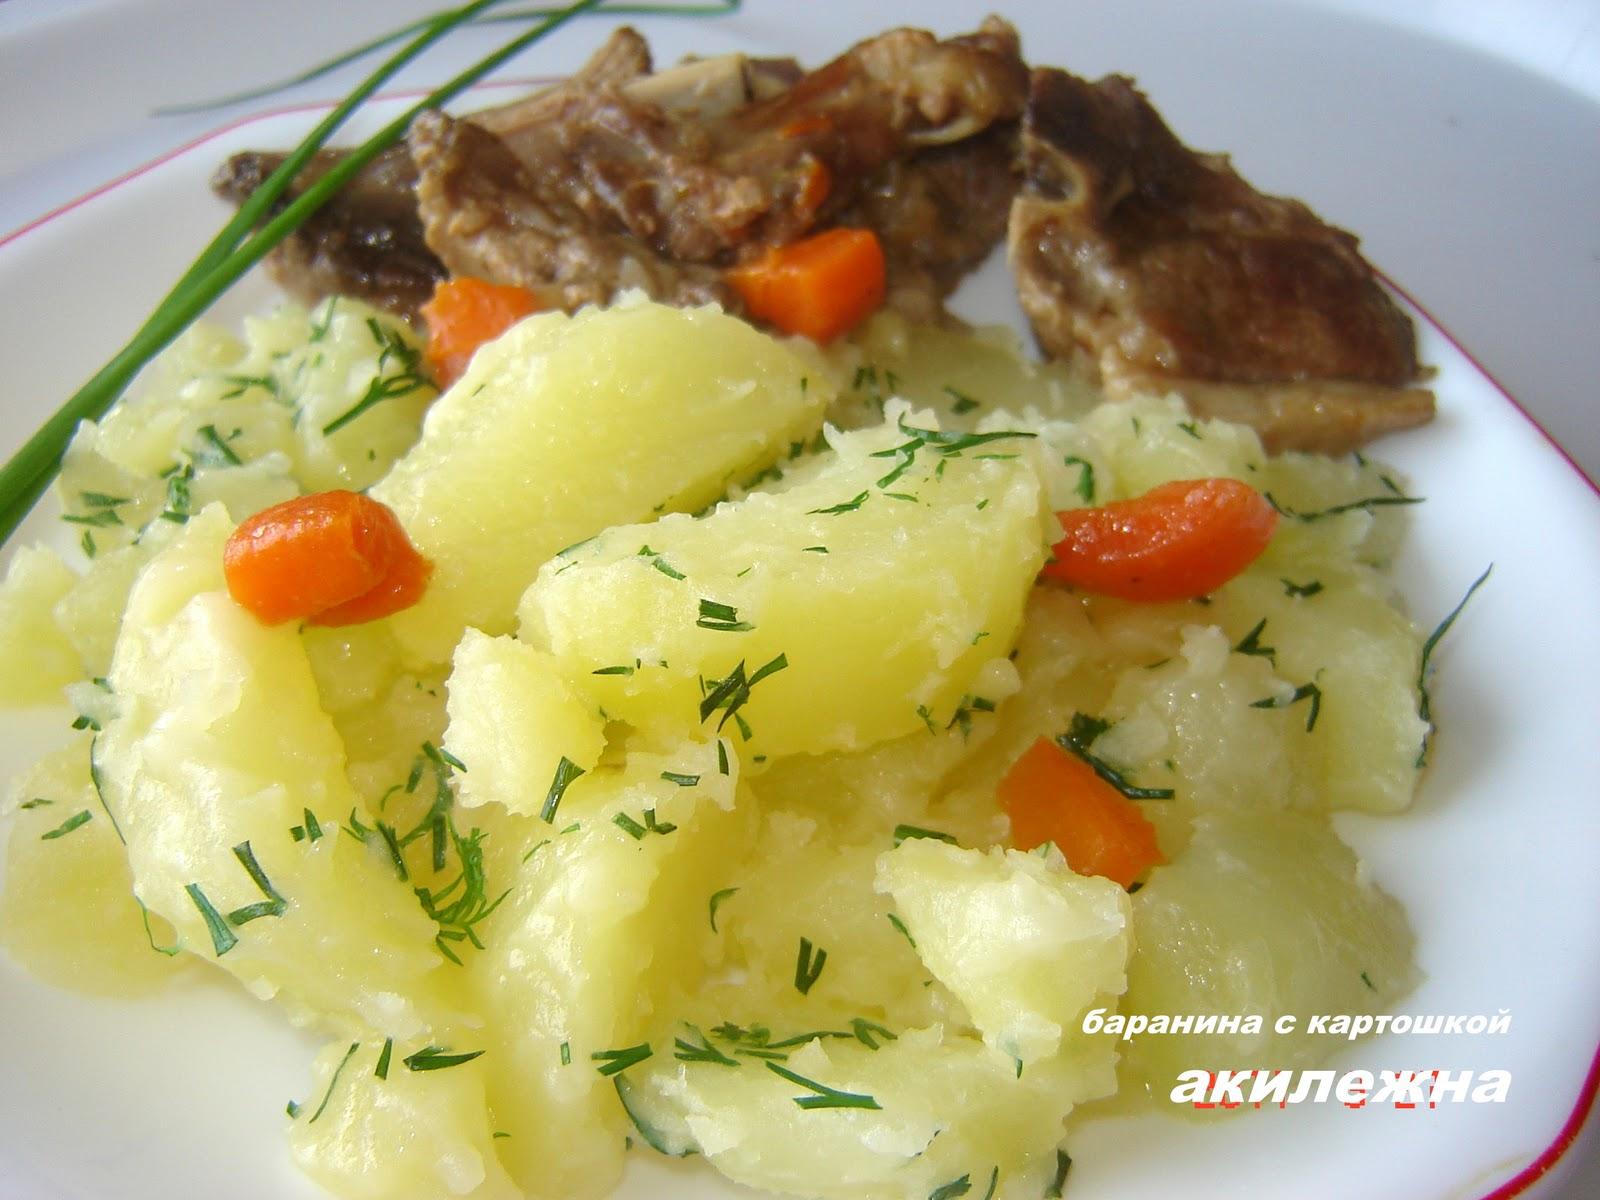 Баранина с картошкой в мультиварке рецепт пошагово